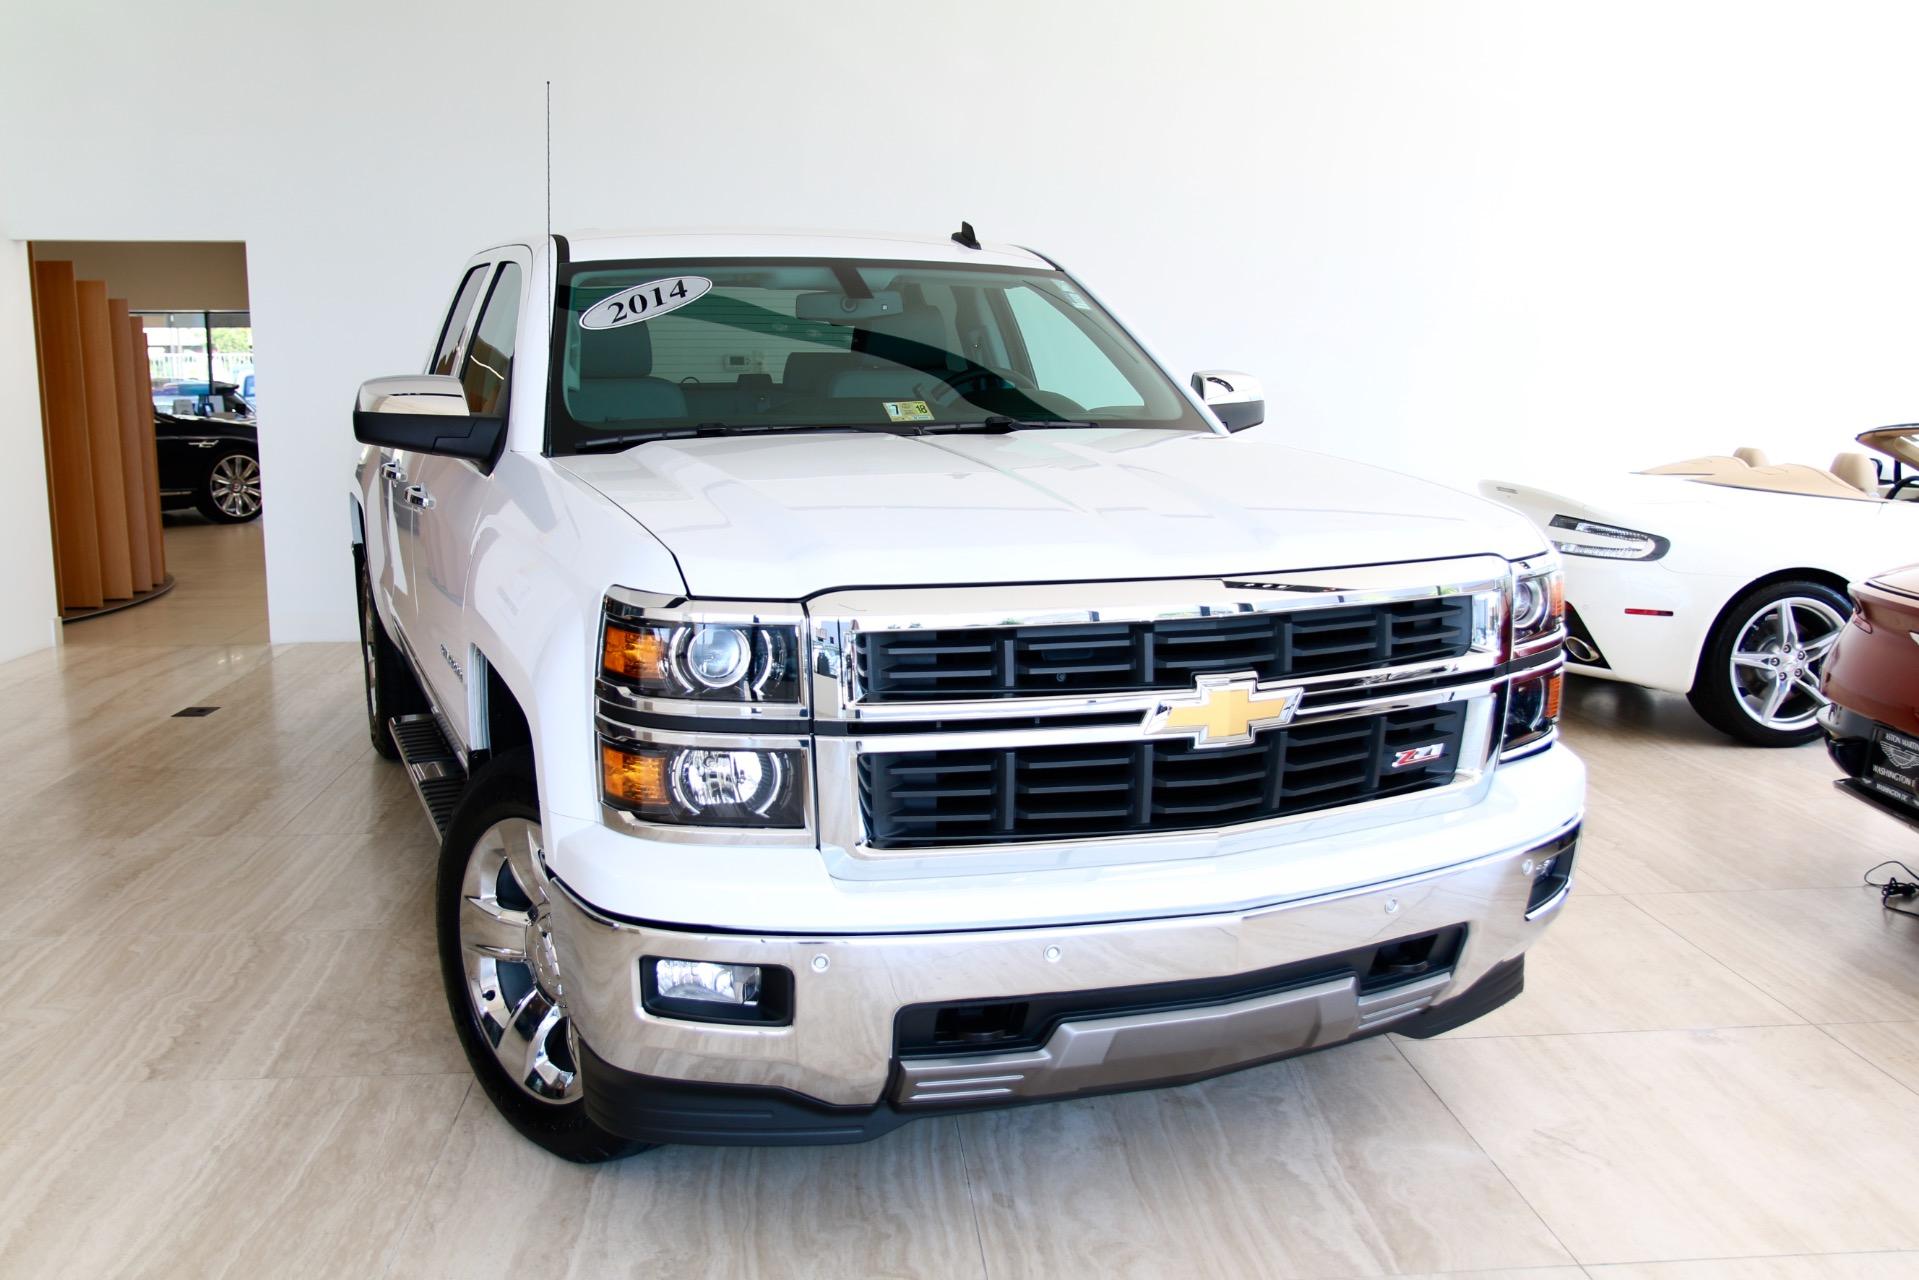 2014 Chevrolet Silverado 1500 LTZ Stock # P46898 for sale near ...